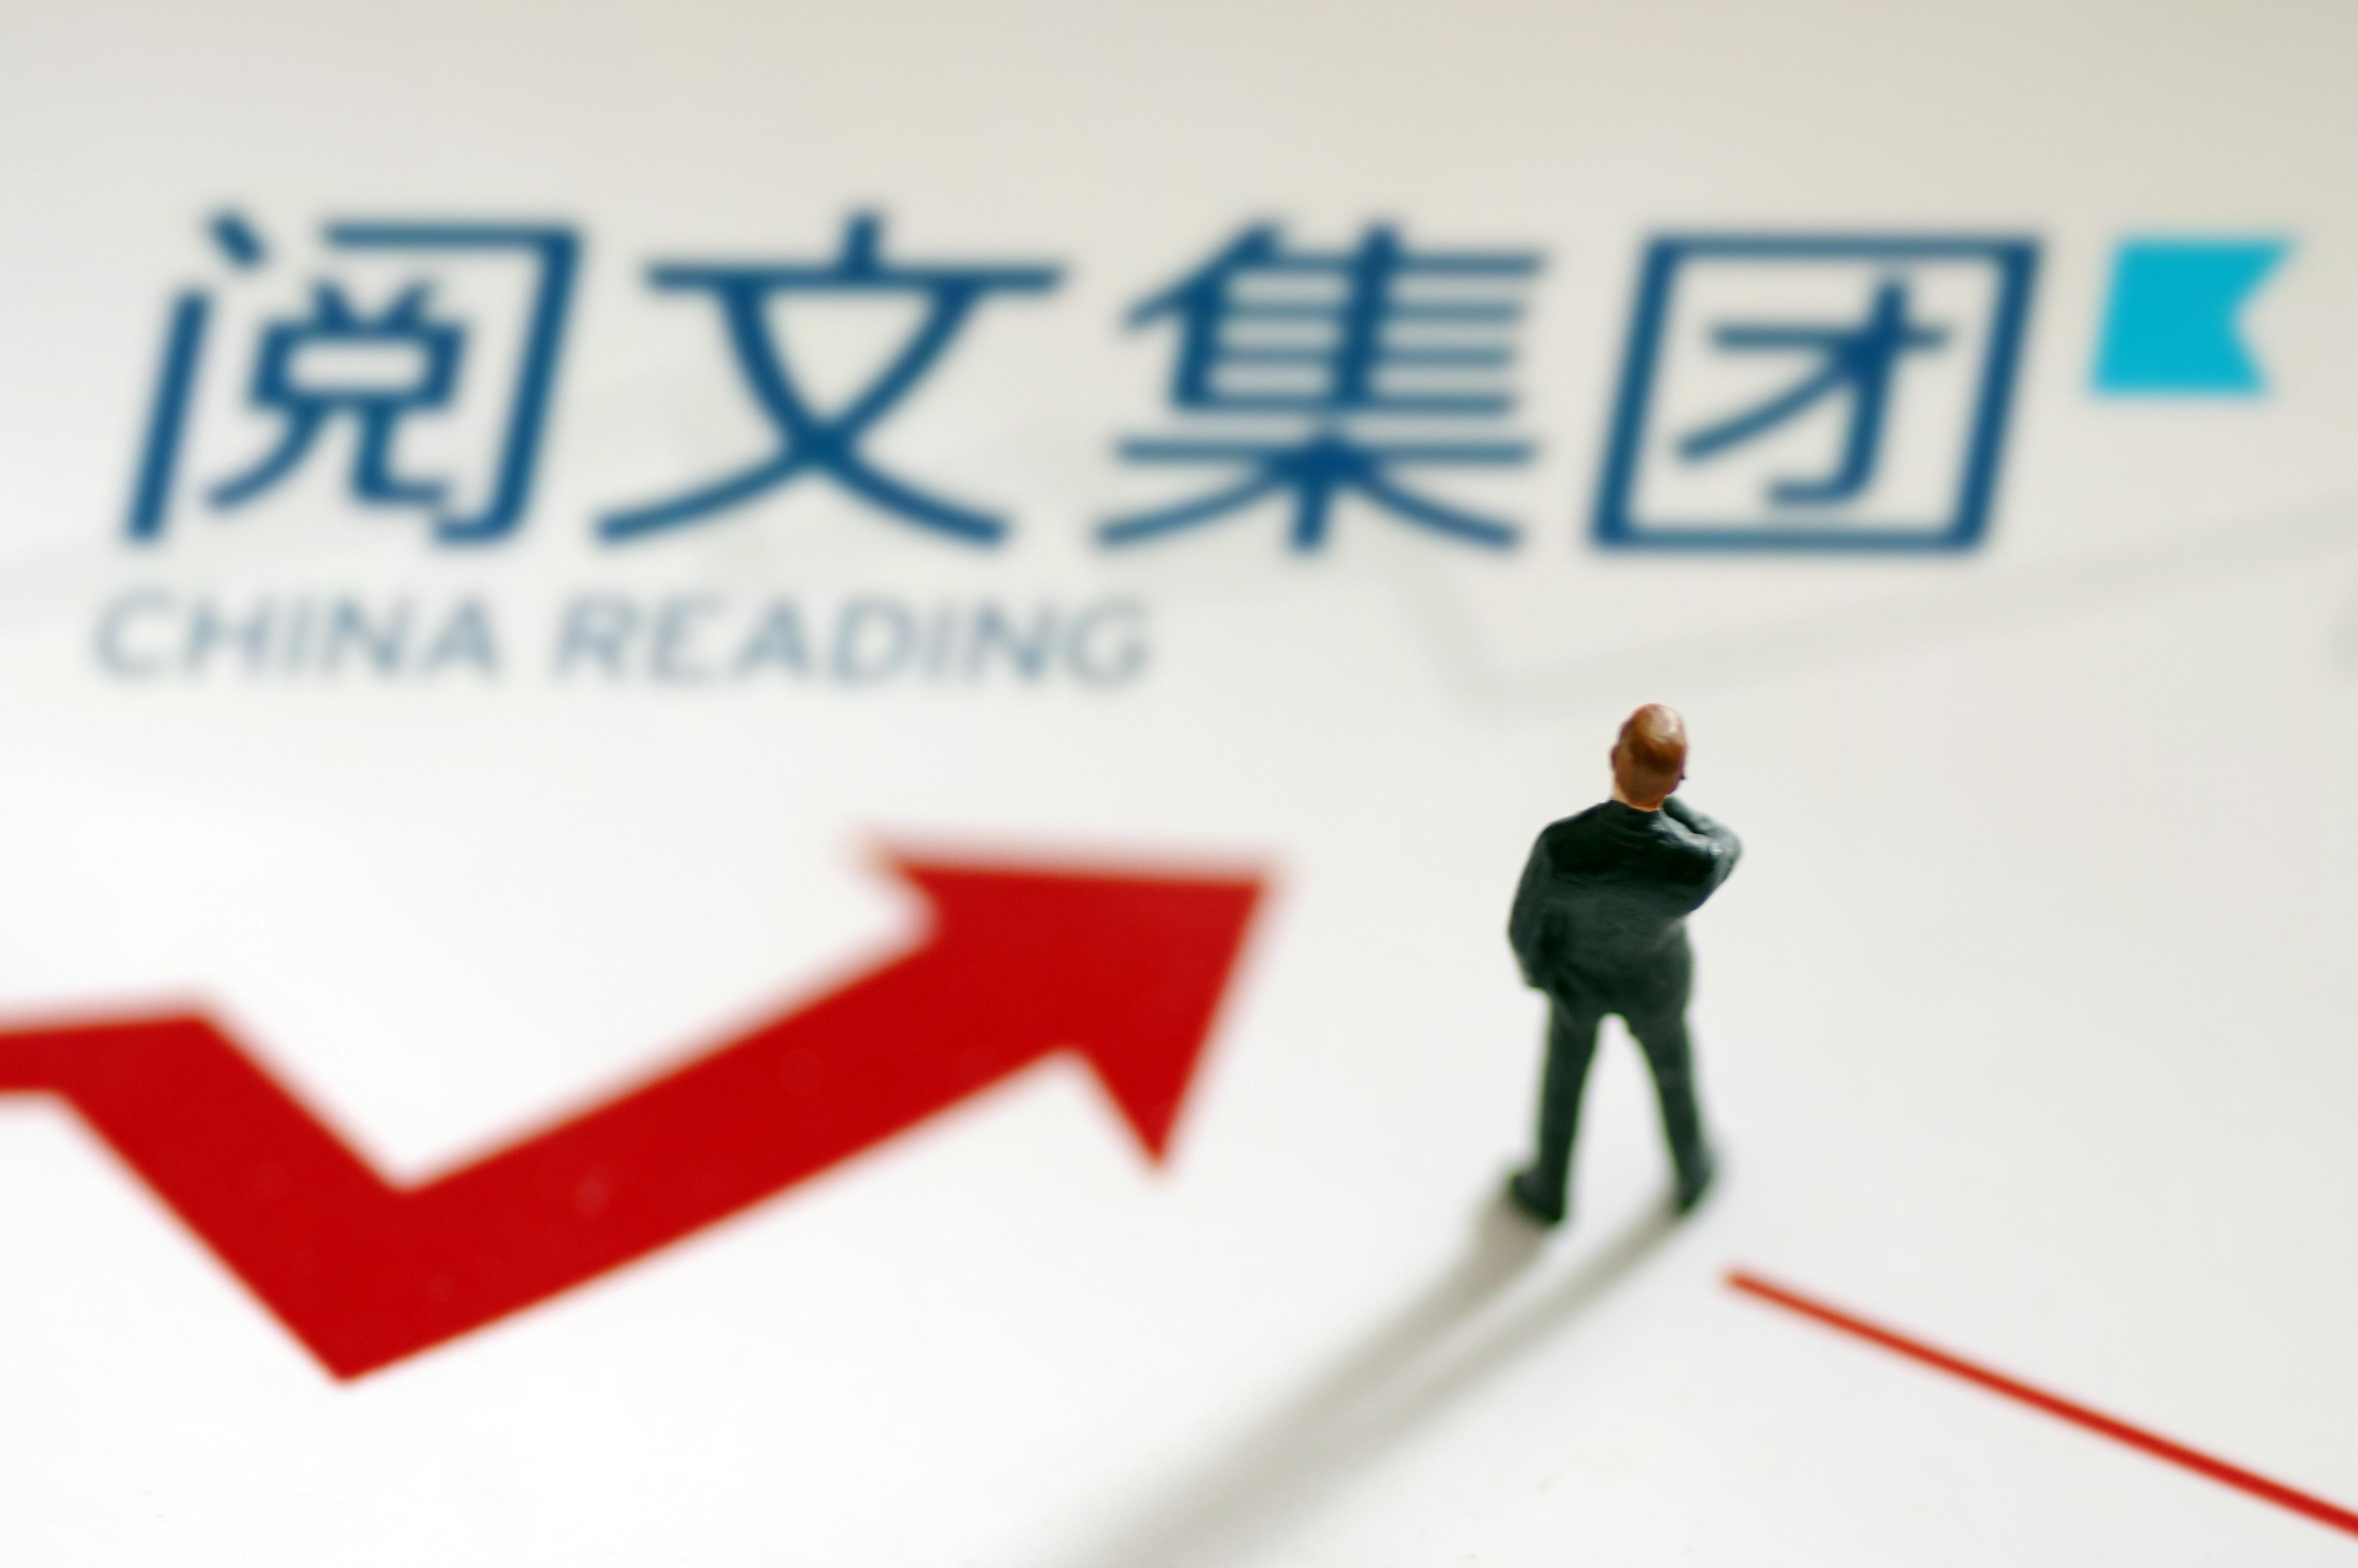 阅文集团(00772.HK)2018年收入增长23%  纯利增长63.7%